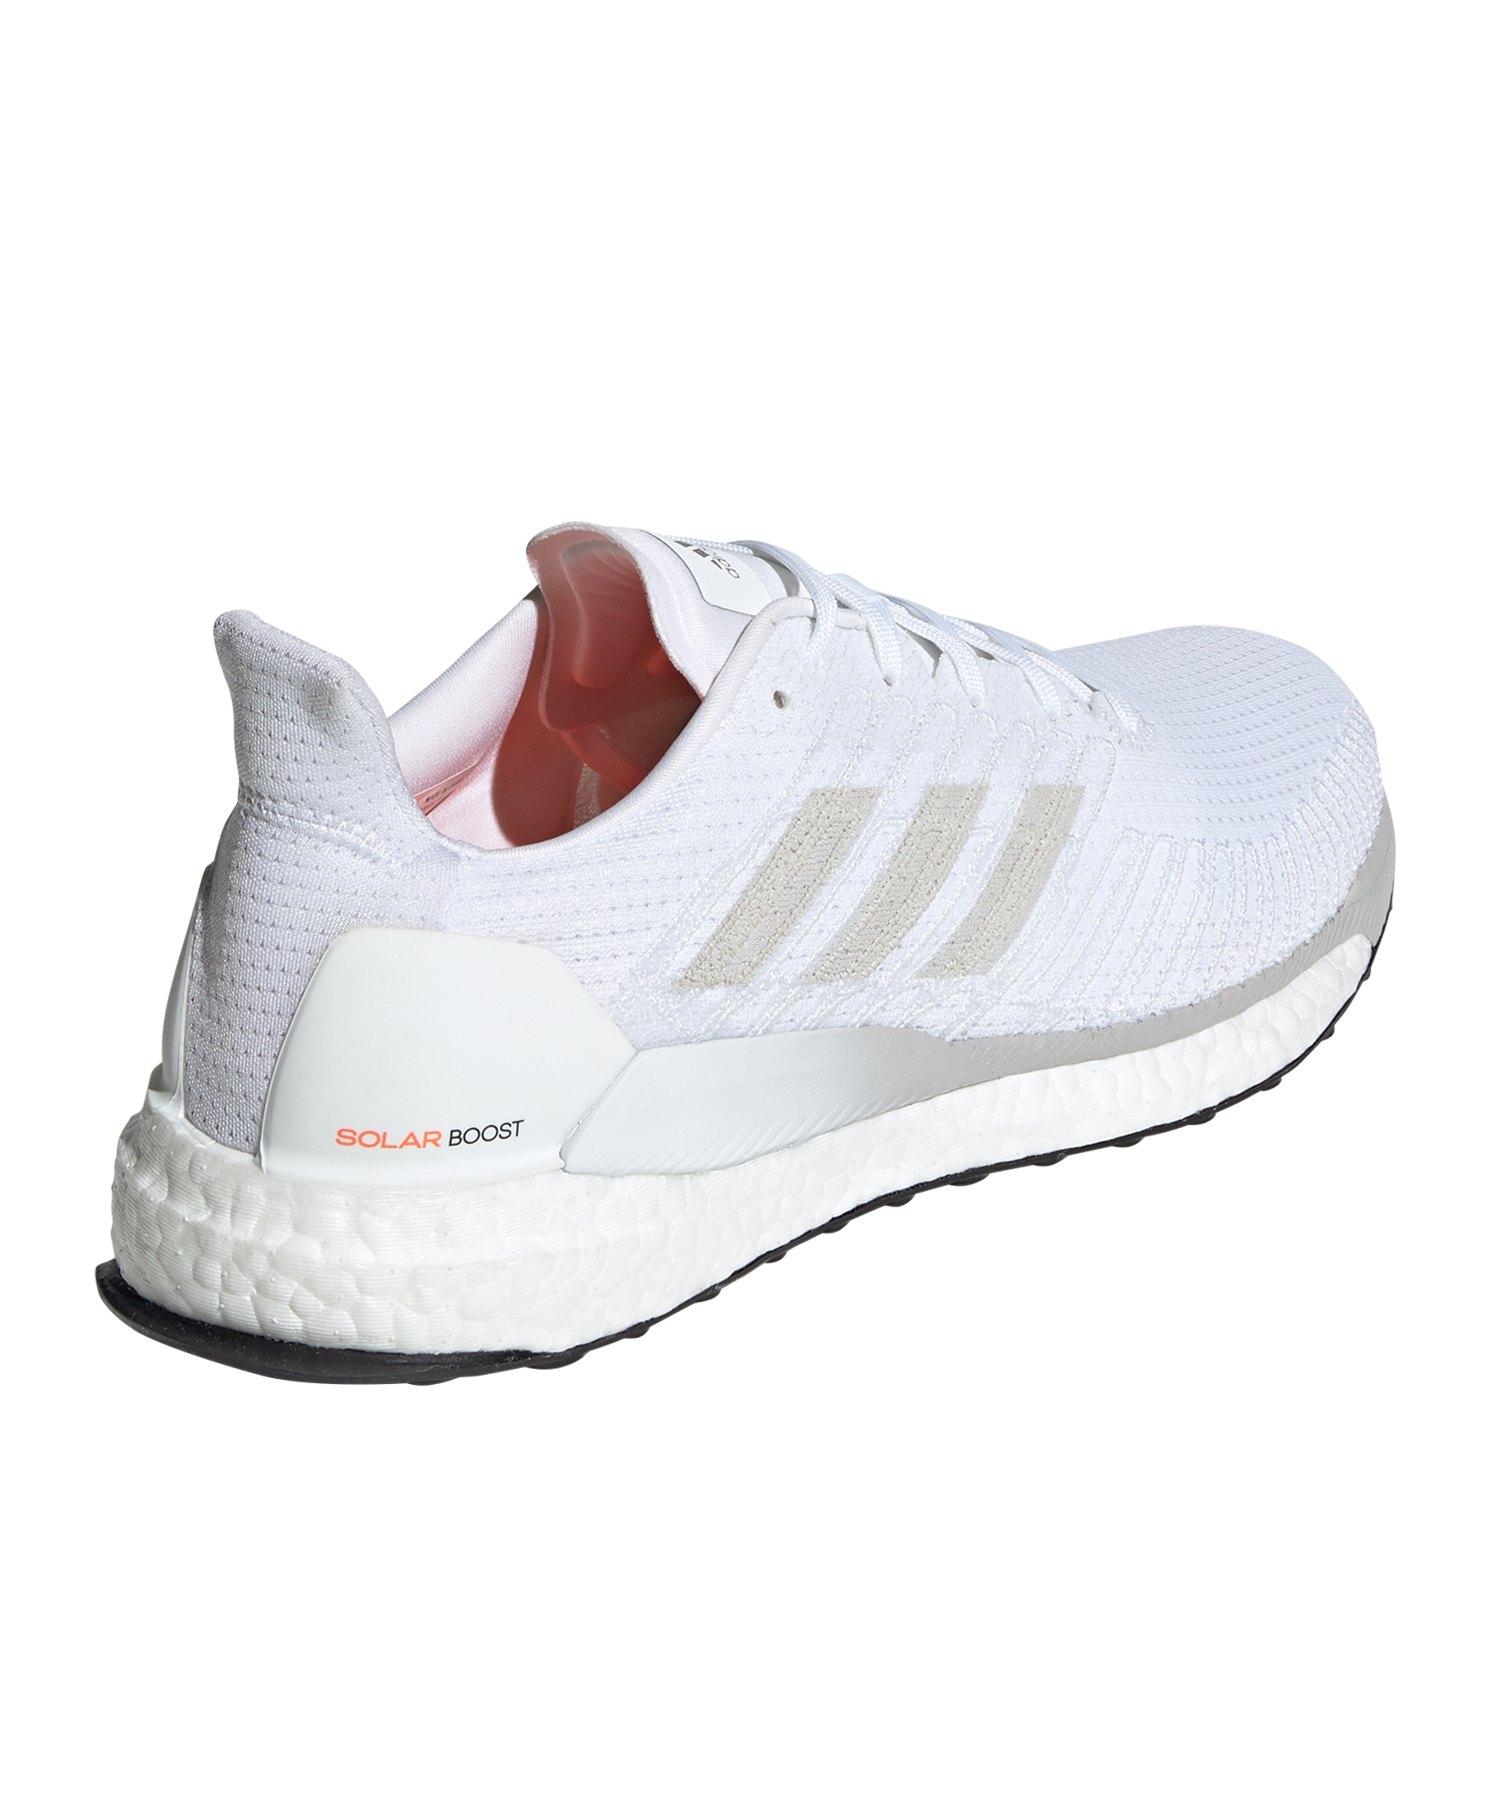 adidas Solar Boost Herren Laufschuhe Runningschuhe grau weiß Joggen CQ3170